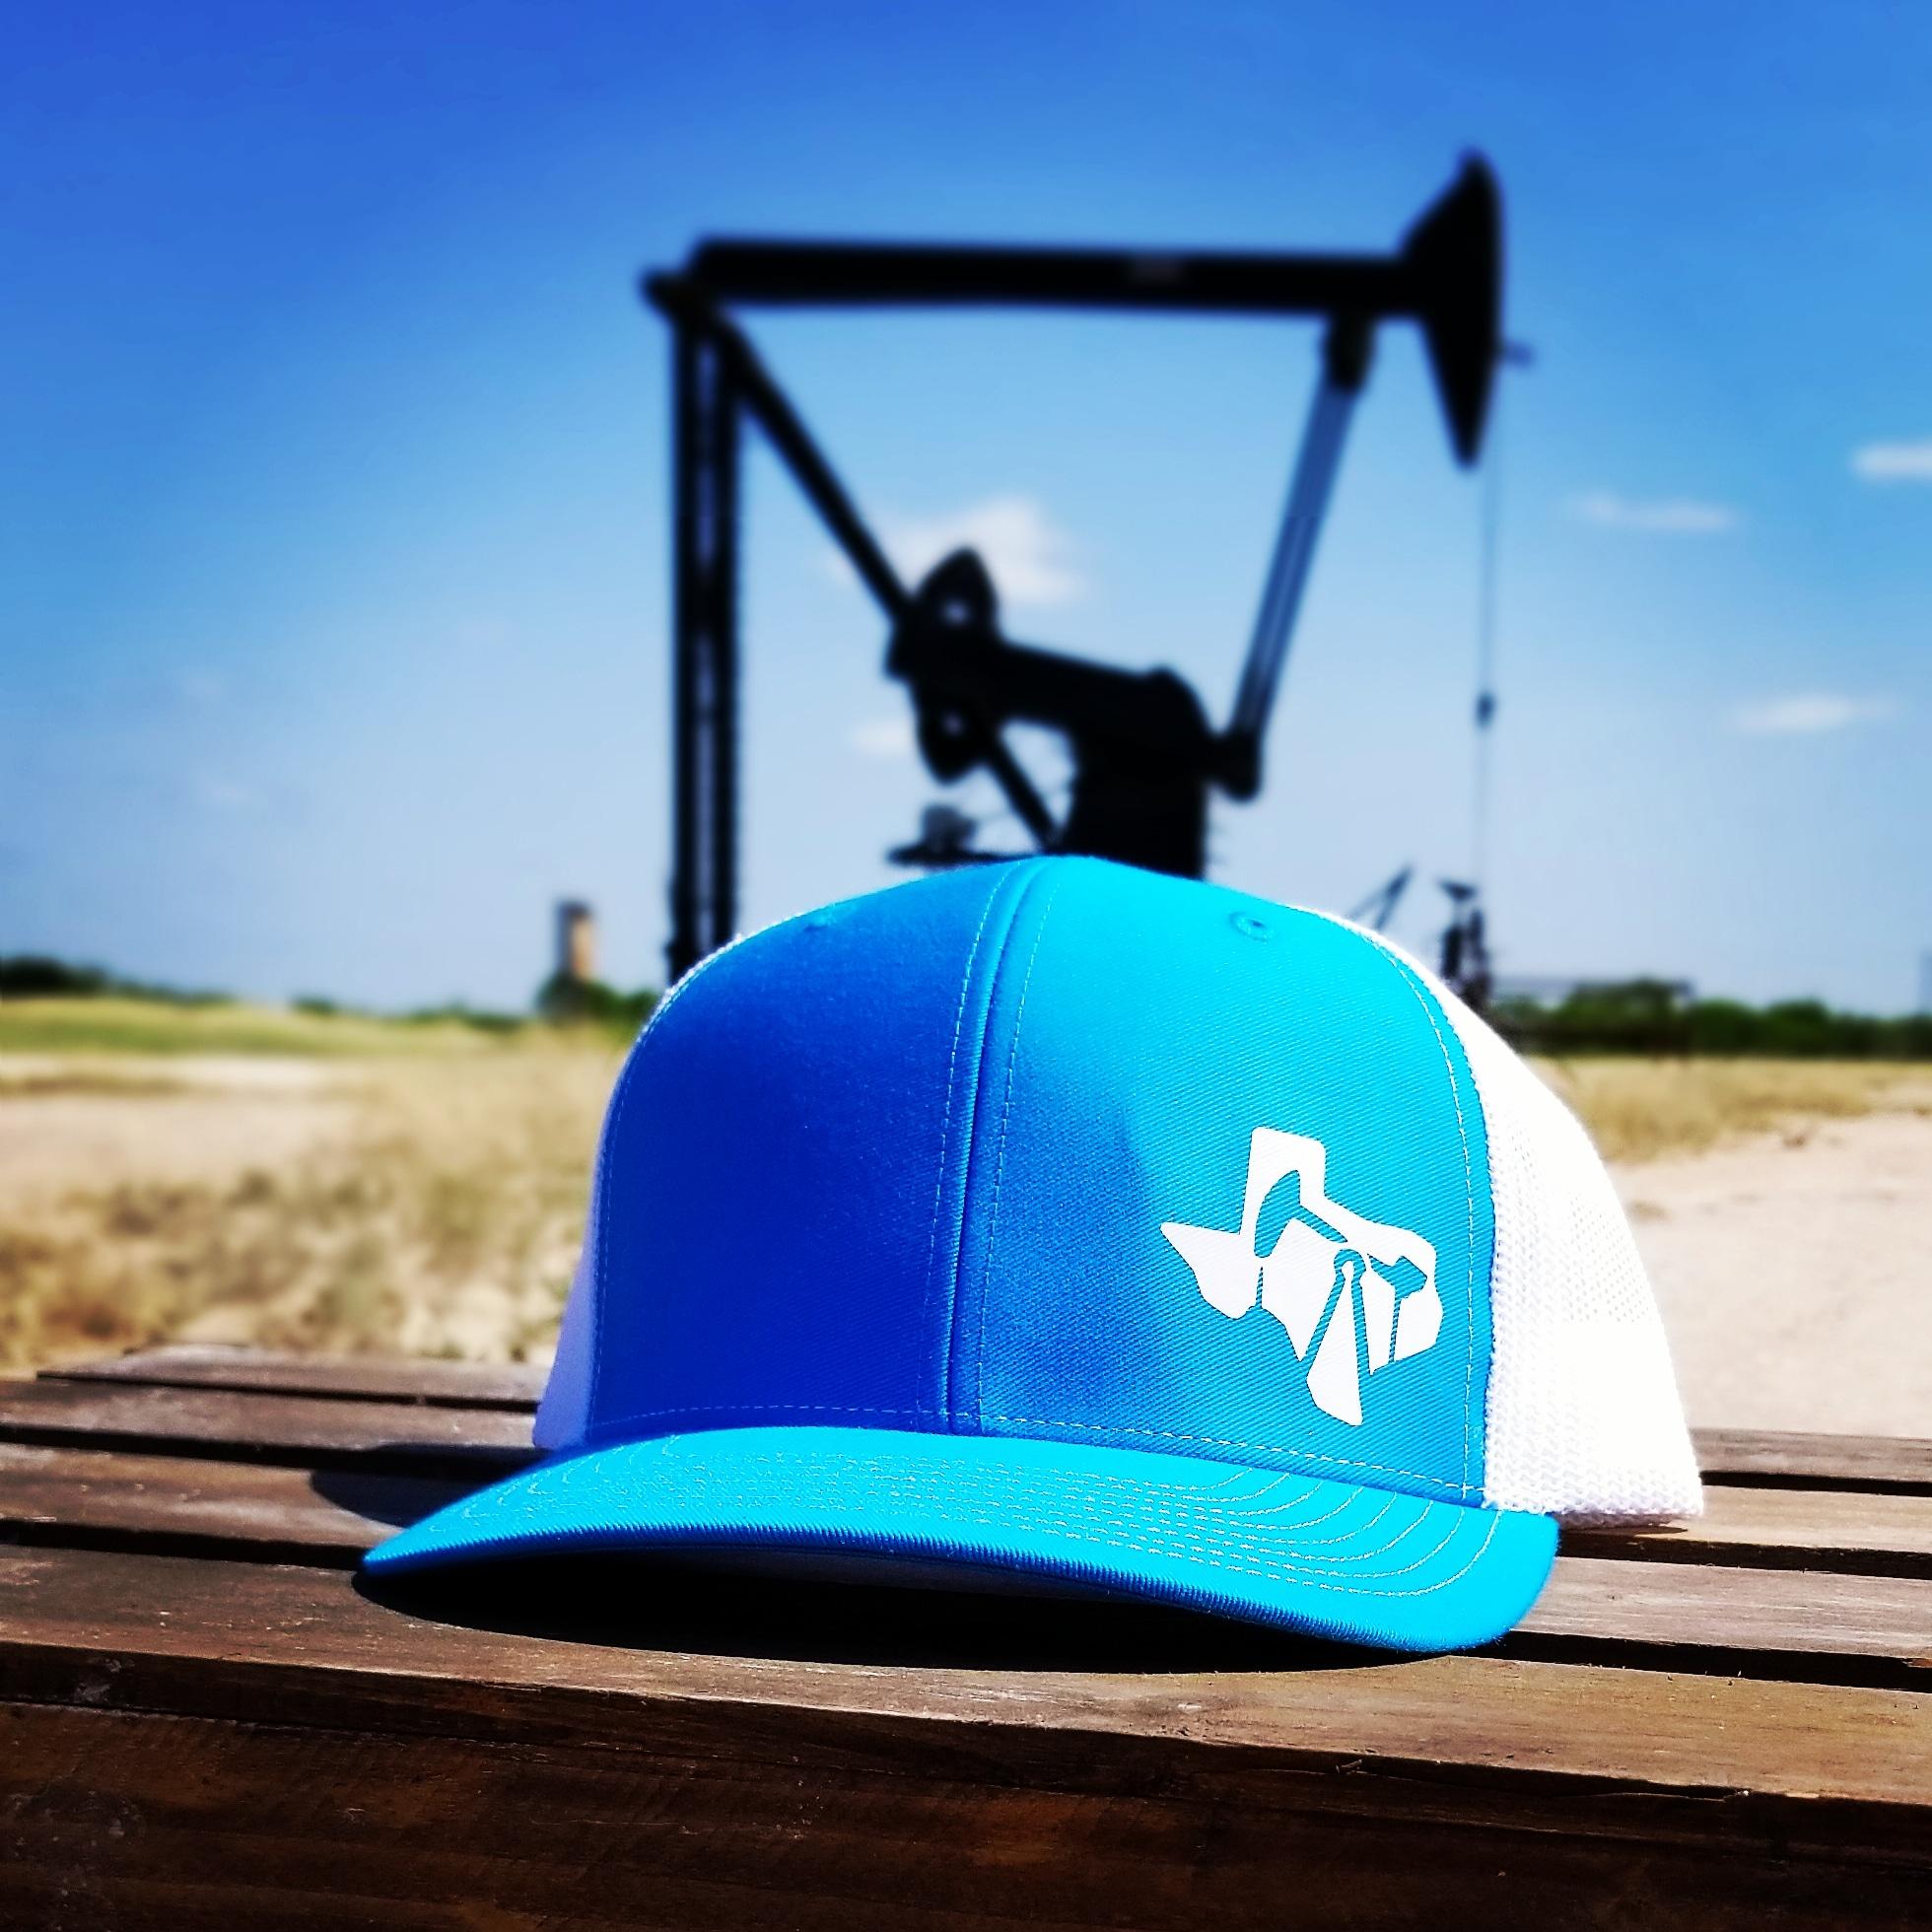 ... purchase texas oilfield cap aqua white fe0dd ee0a1 d2d57e7cb7da